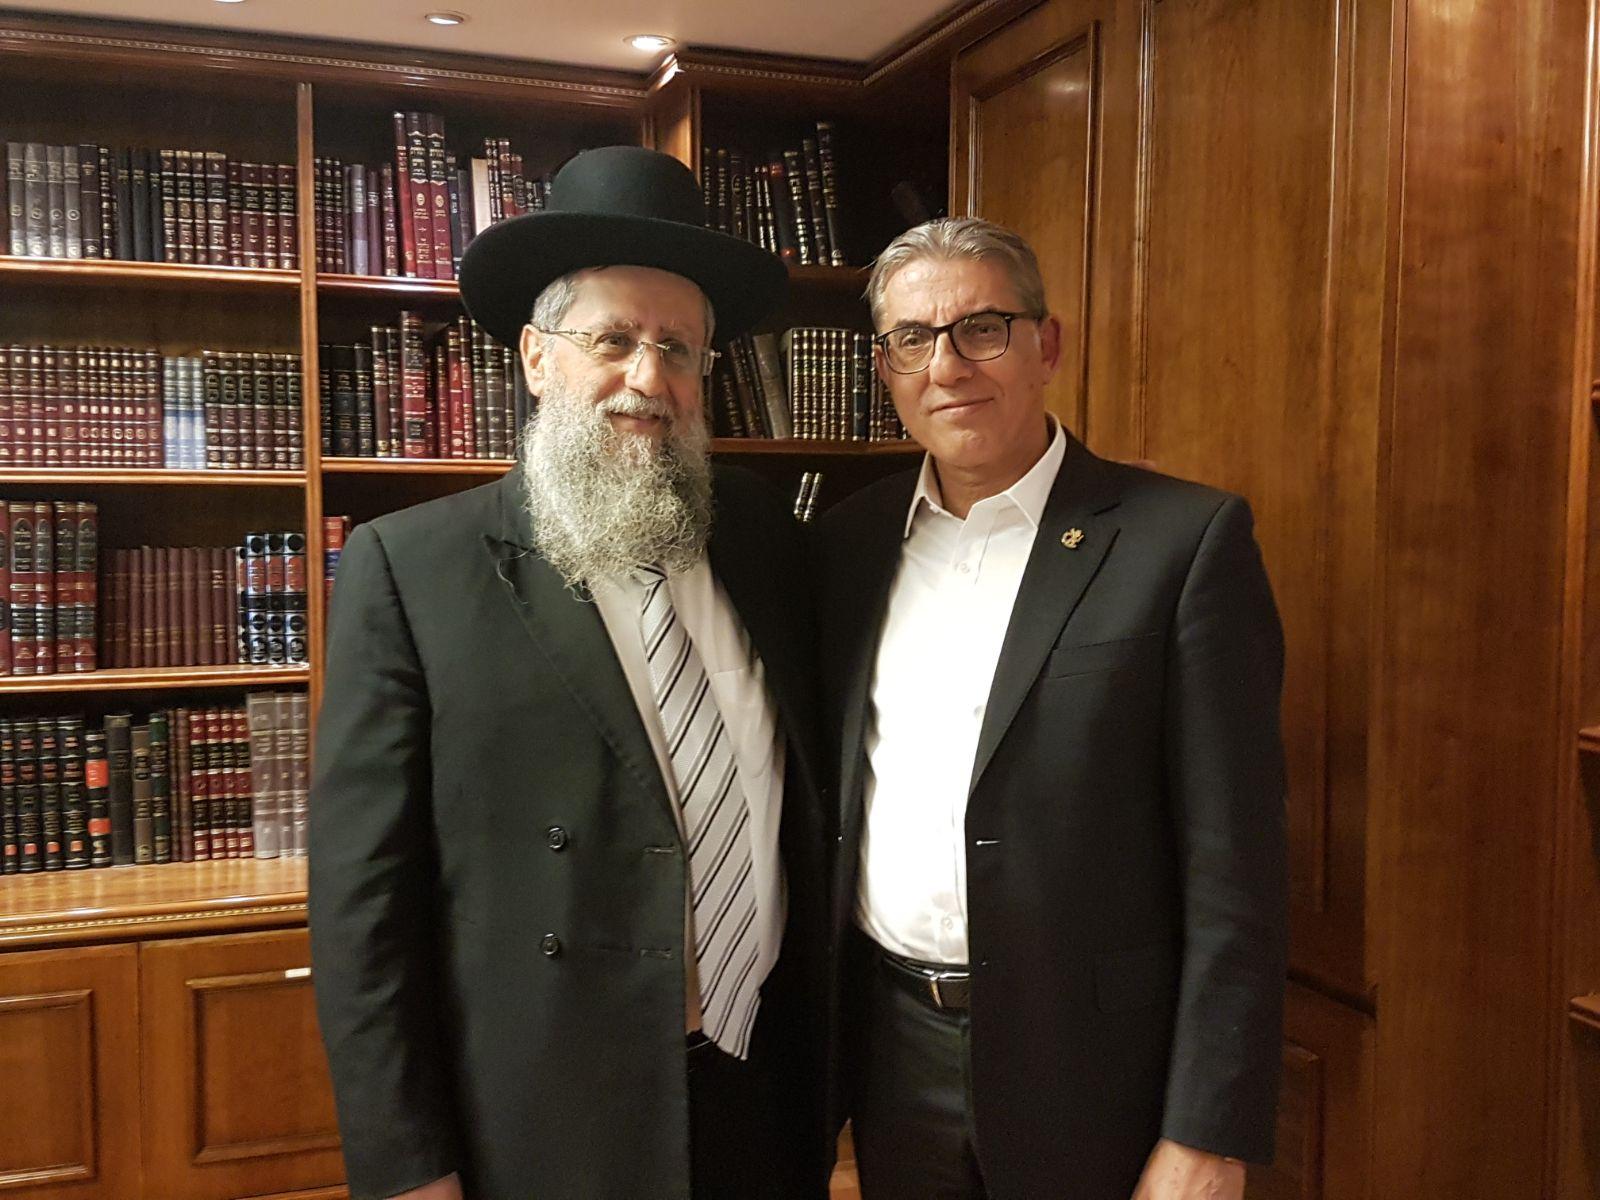 סגן ראש העיר ומועמד לראשותה מאיר תורג`מן בביקר אצל הרב דוד יוסף